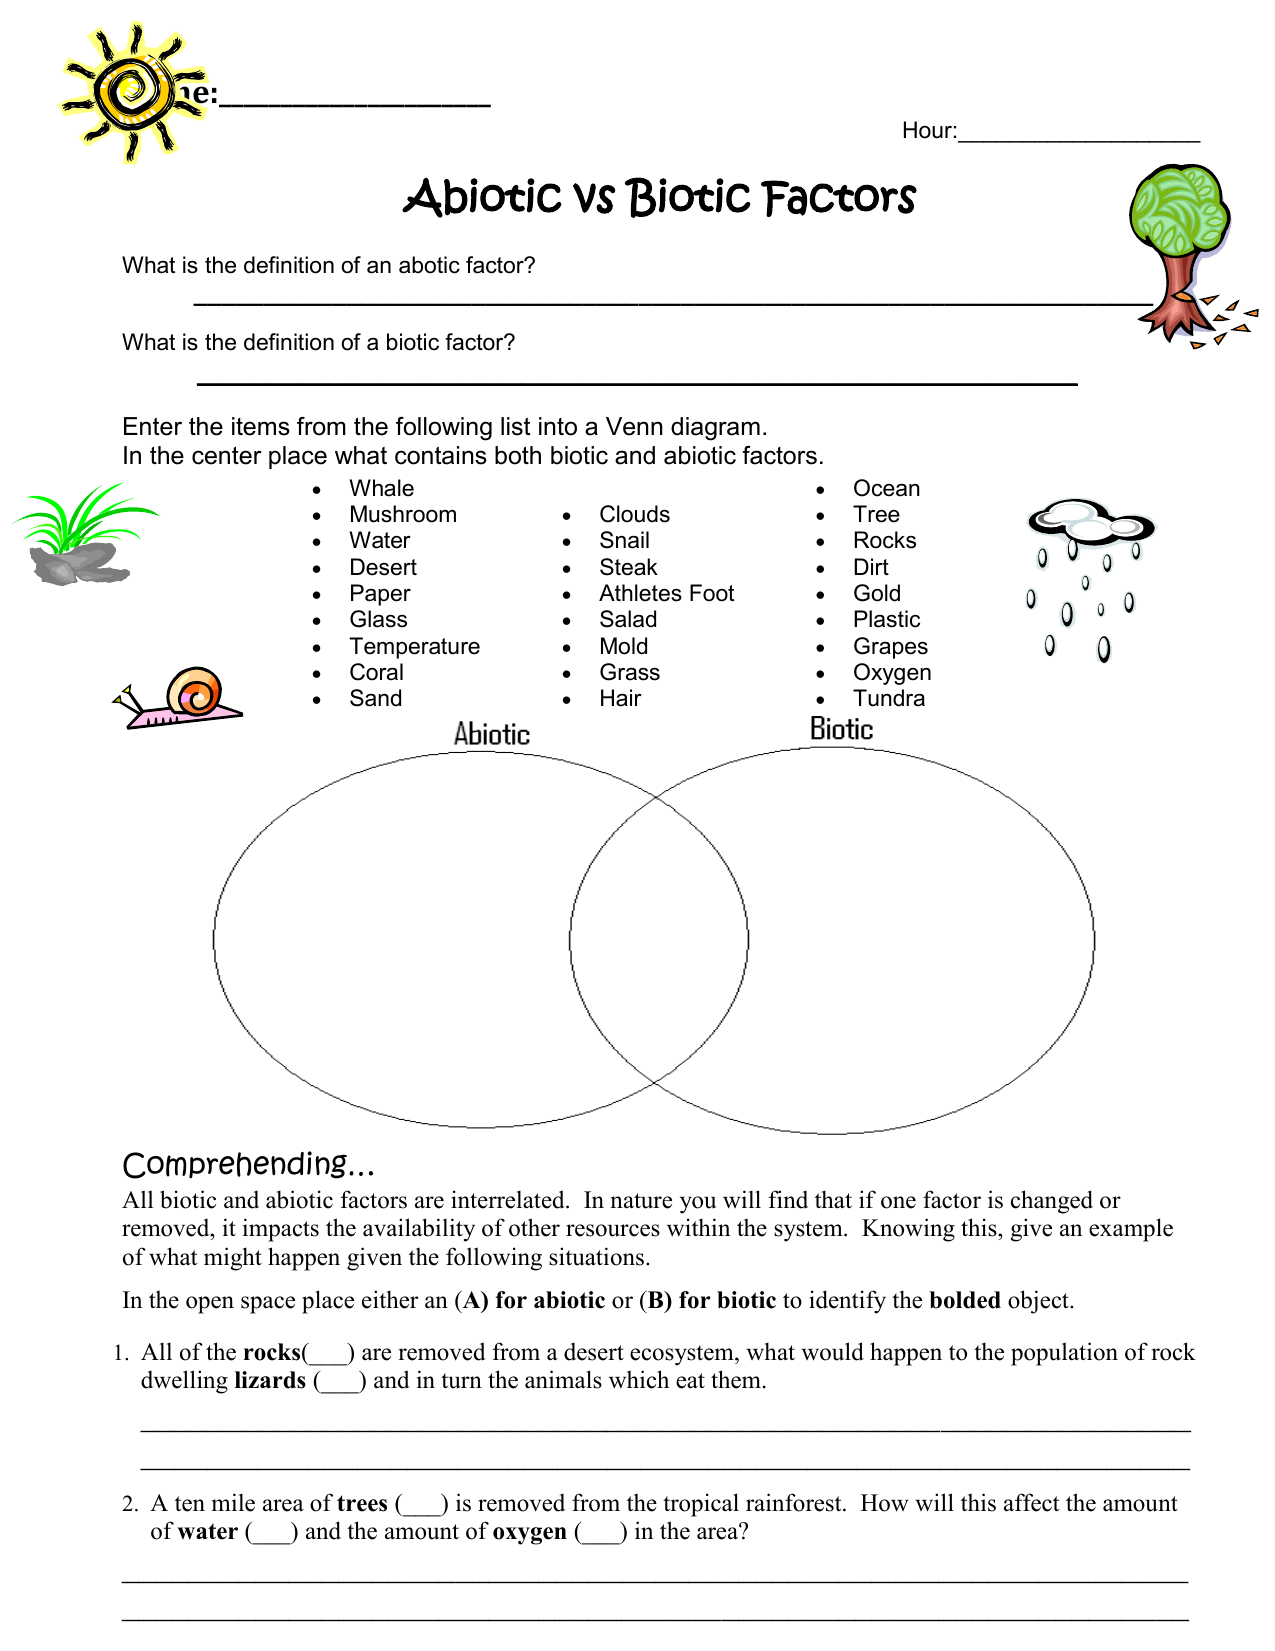 Abiotic vs Biotic Factors Worksheet